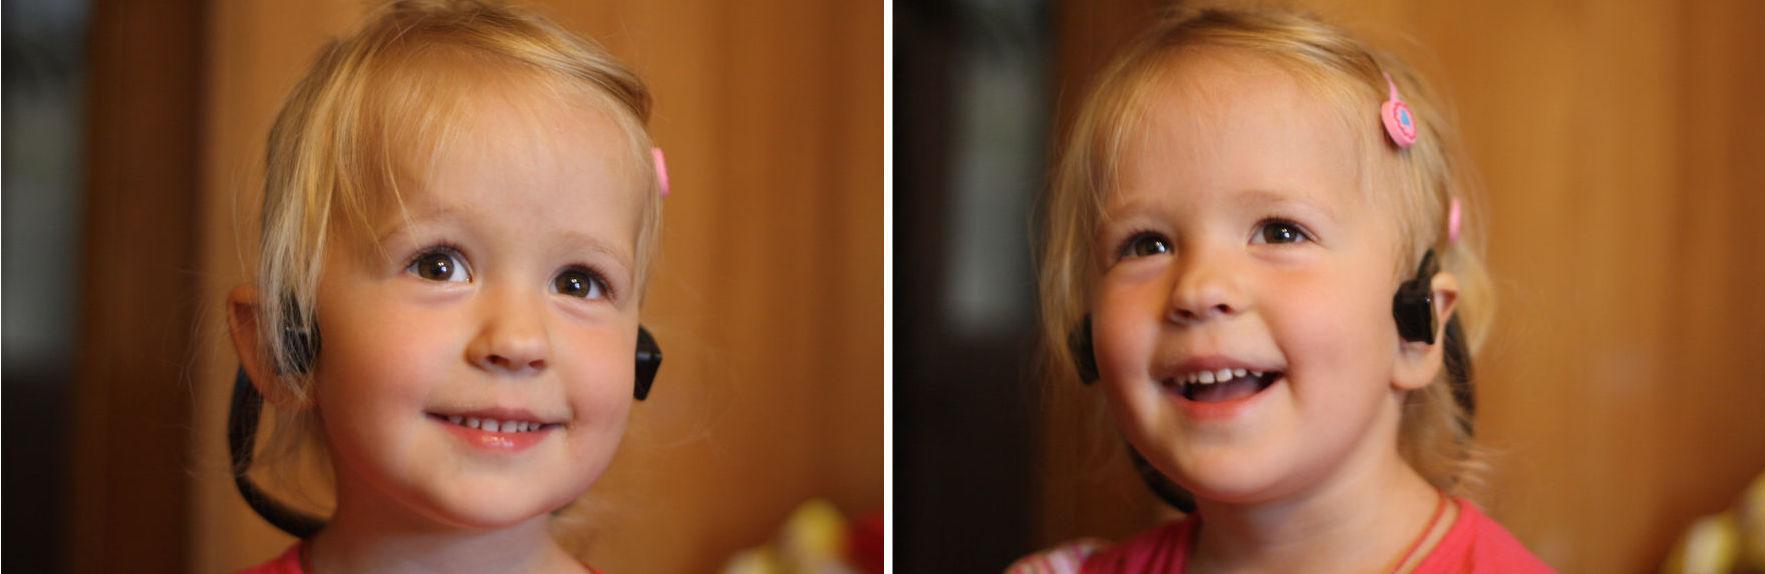 Развивающие гаджеты и игрушки для детей — 10 лучших умных игрушек для ребенка